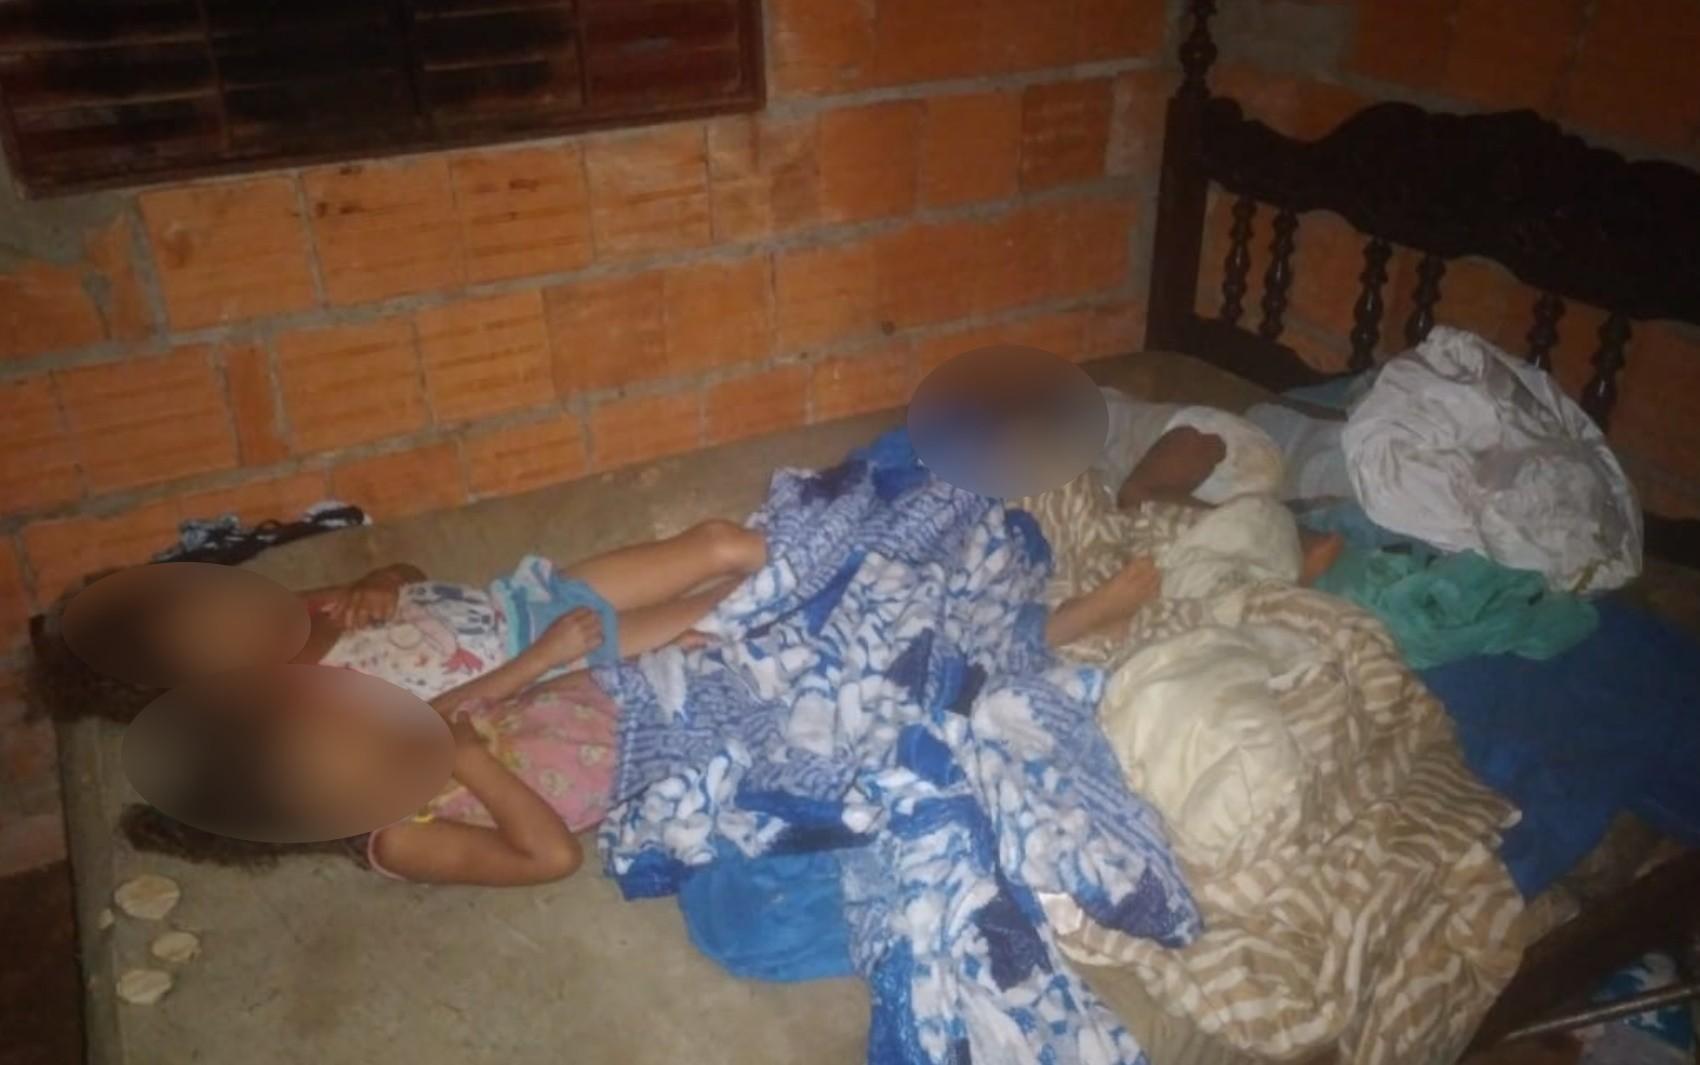 Cinco crianças são deixadas sozinhas em casa por uma semana e relatam terem sofrido abuso e tortura, diz polícia